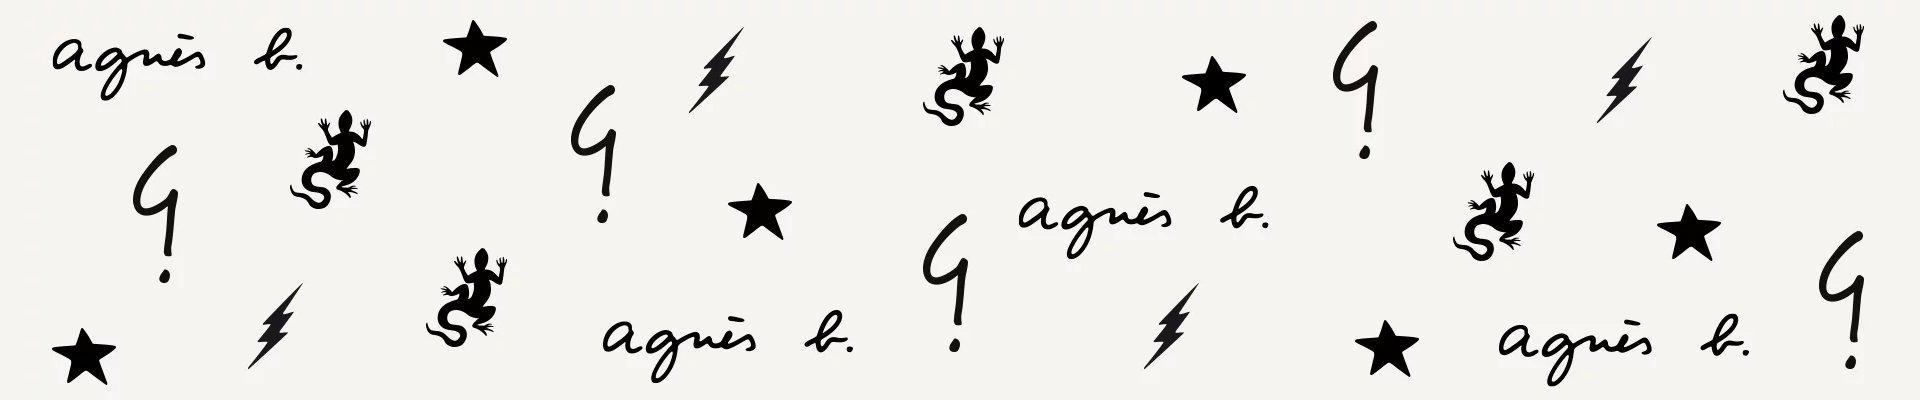 Logos agnès b.